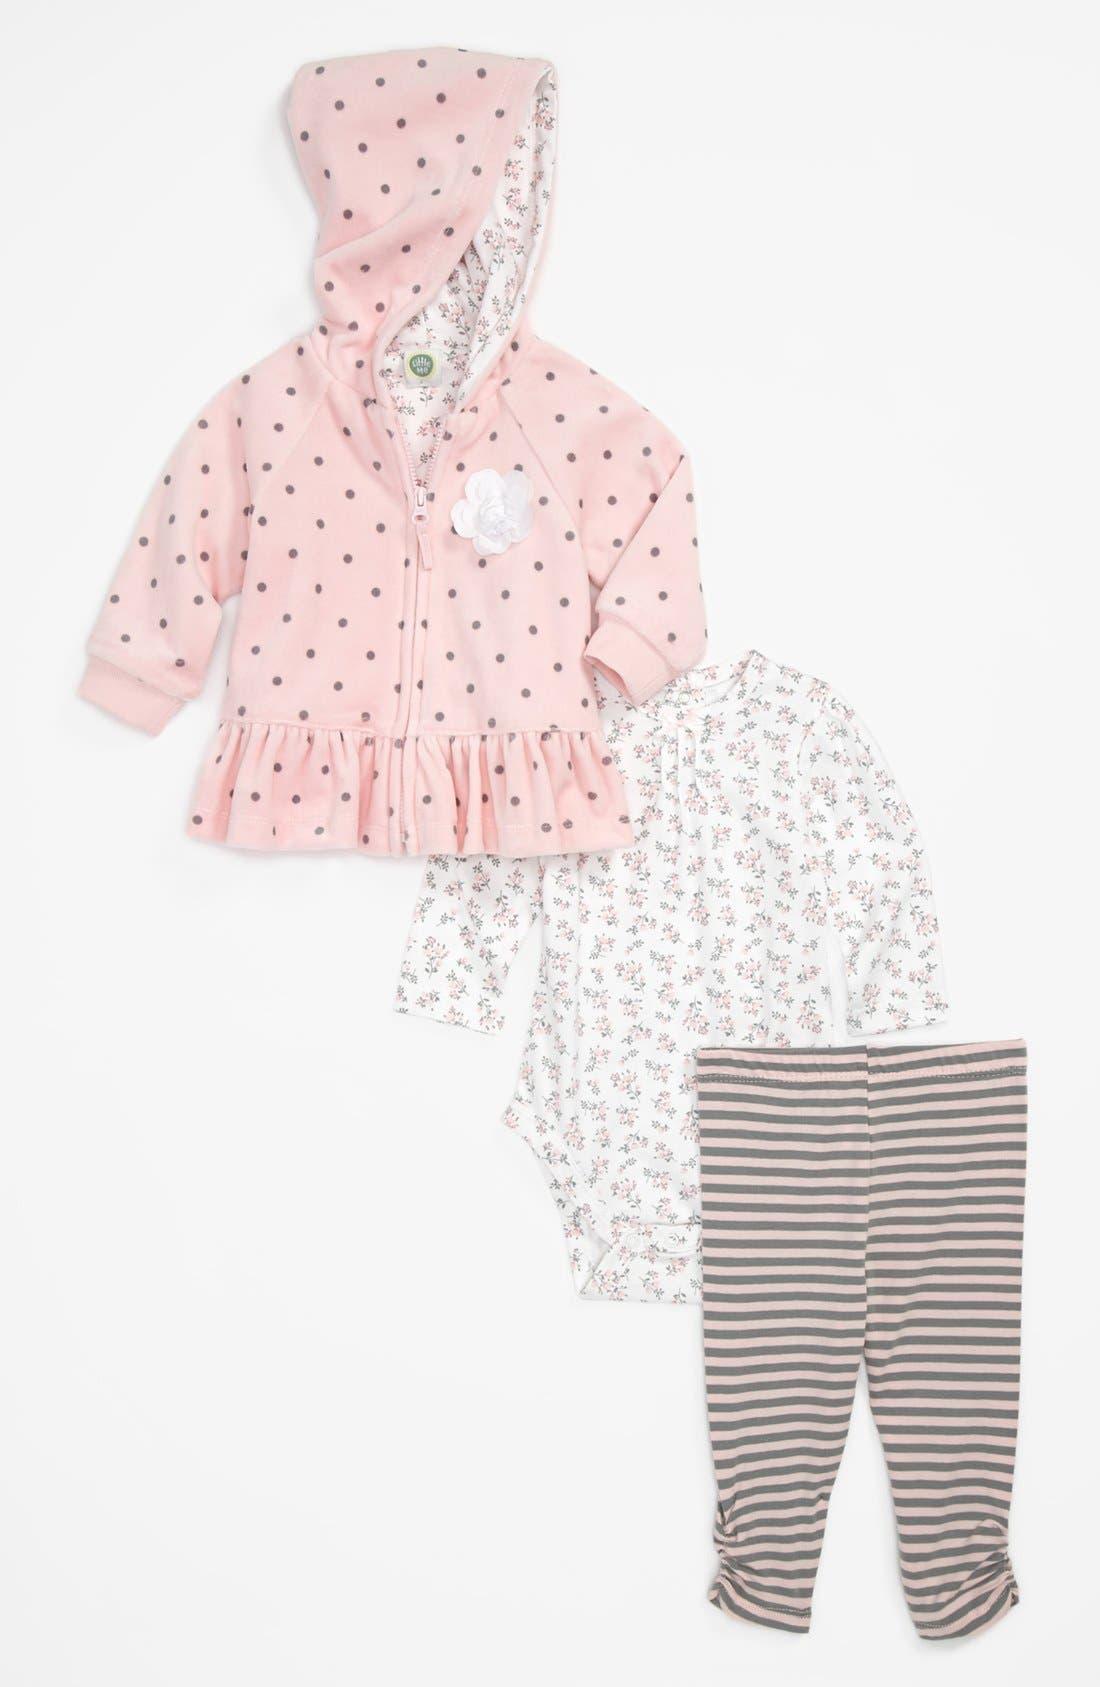 Alternate Image 1 Selected - Little Me 'Pretty Pink' Hoodie, Top & Leggings (Baby Girls)